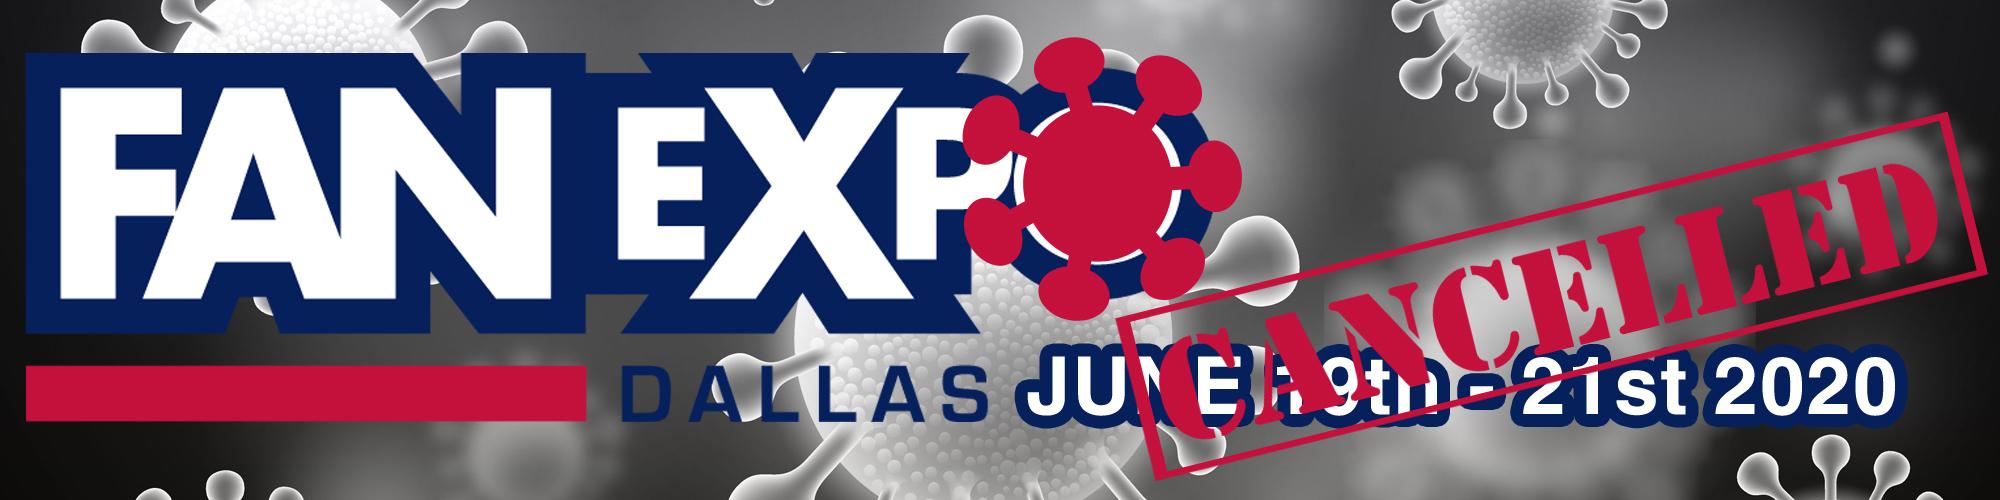 Coronavirus Cancels FanExpo Dallas 2020